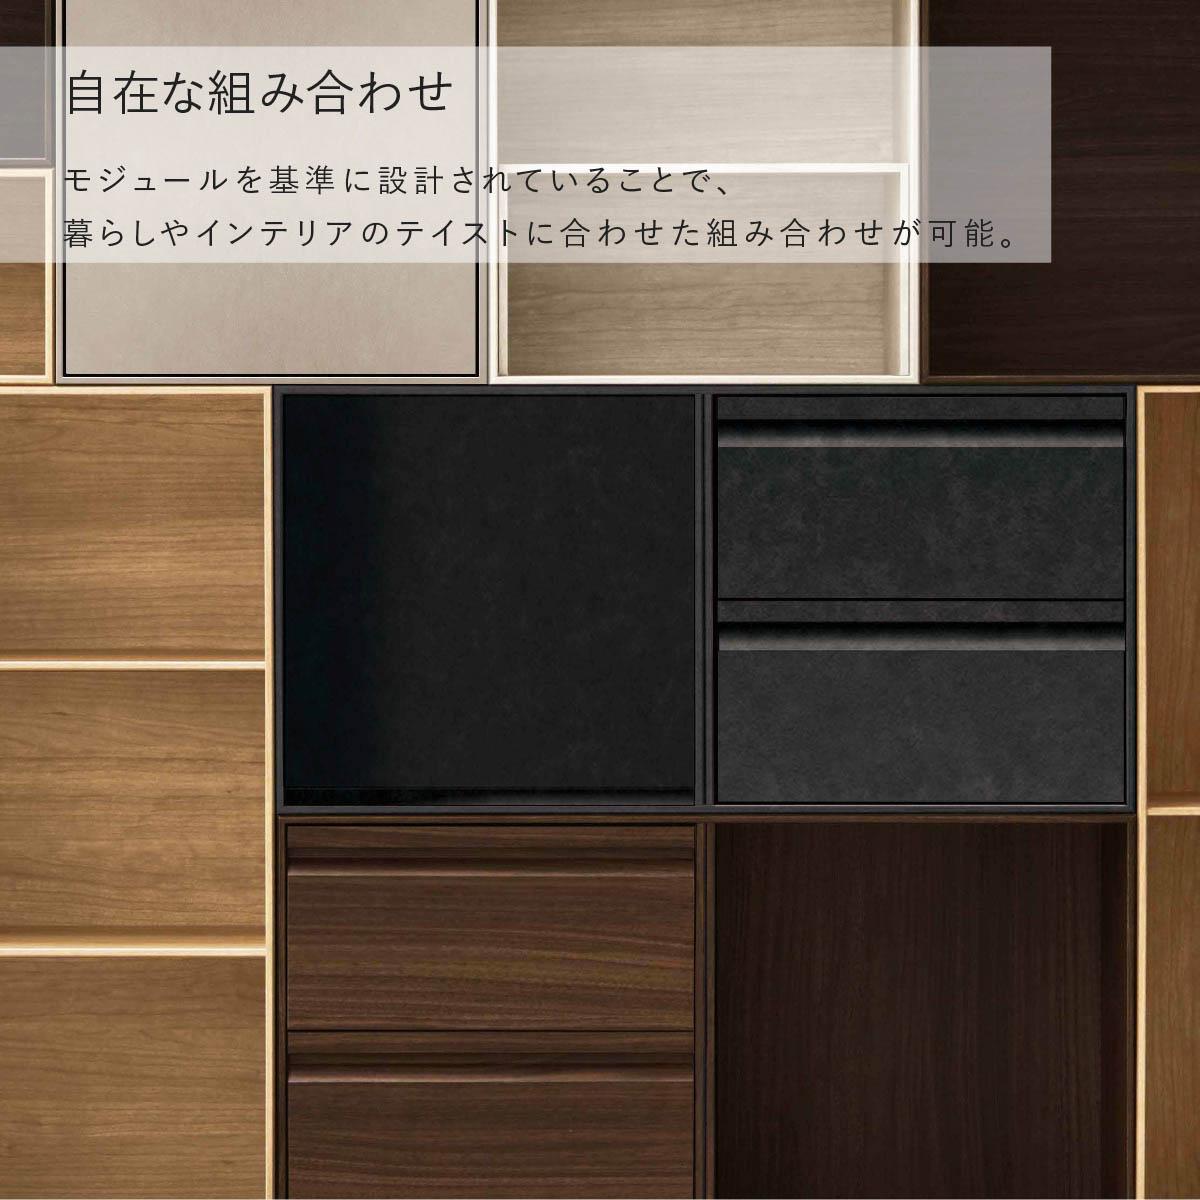 【 V-TISS LIGHT #021 】 自由に使う長方形ボックス3個